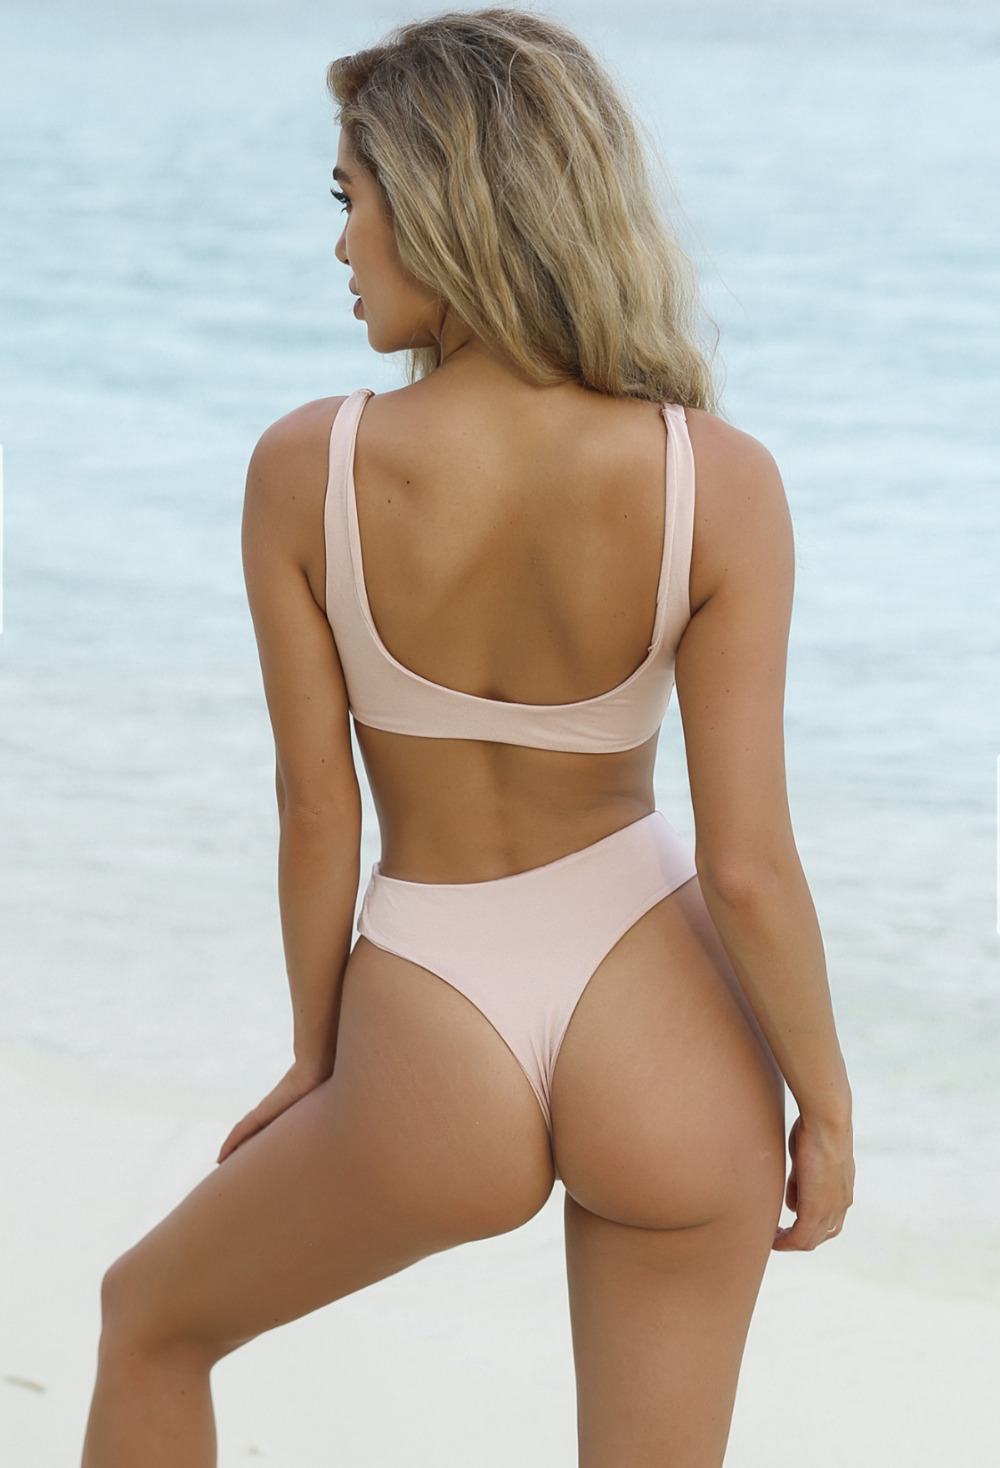 HTB1spLlRVXXXXb.XXXXq6xXFXXXV - Summer sexy Beach Bikini Double wrapped chest Women Beach swimsuit Underwear Bra sets JKP388